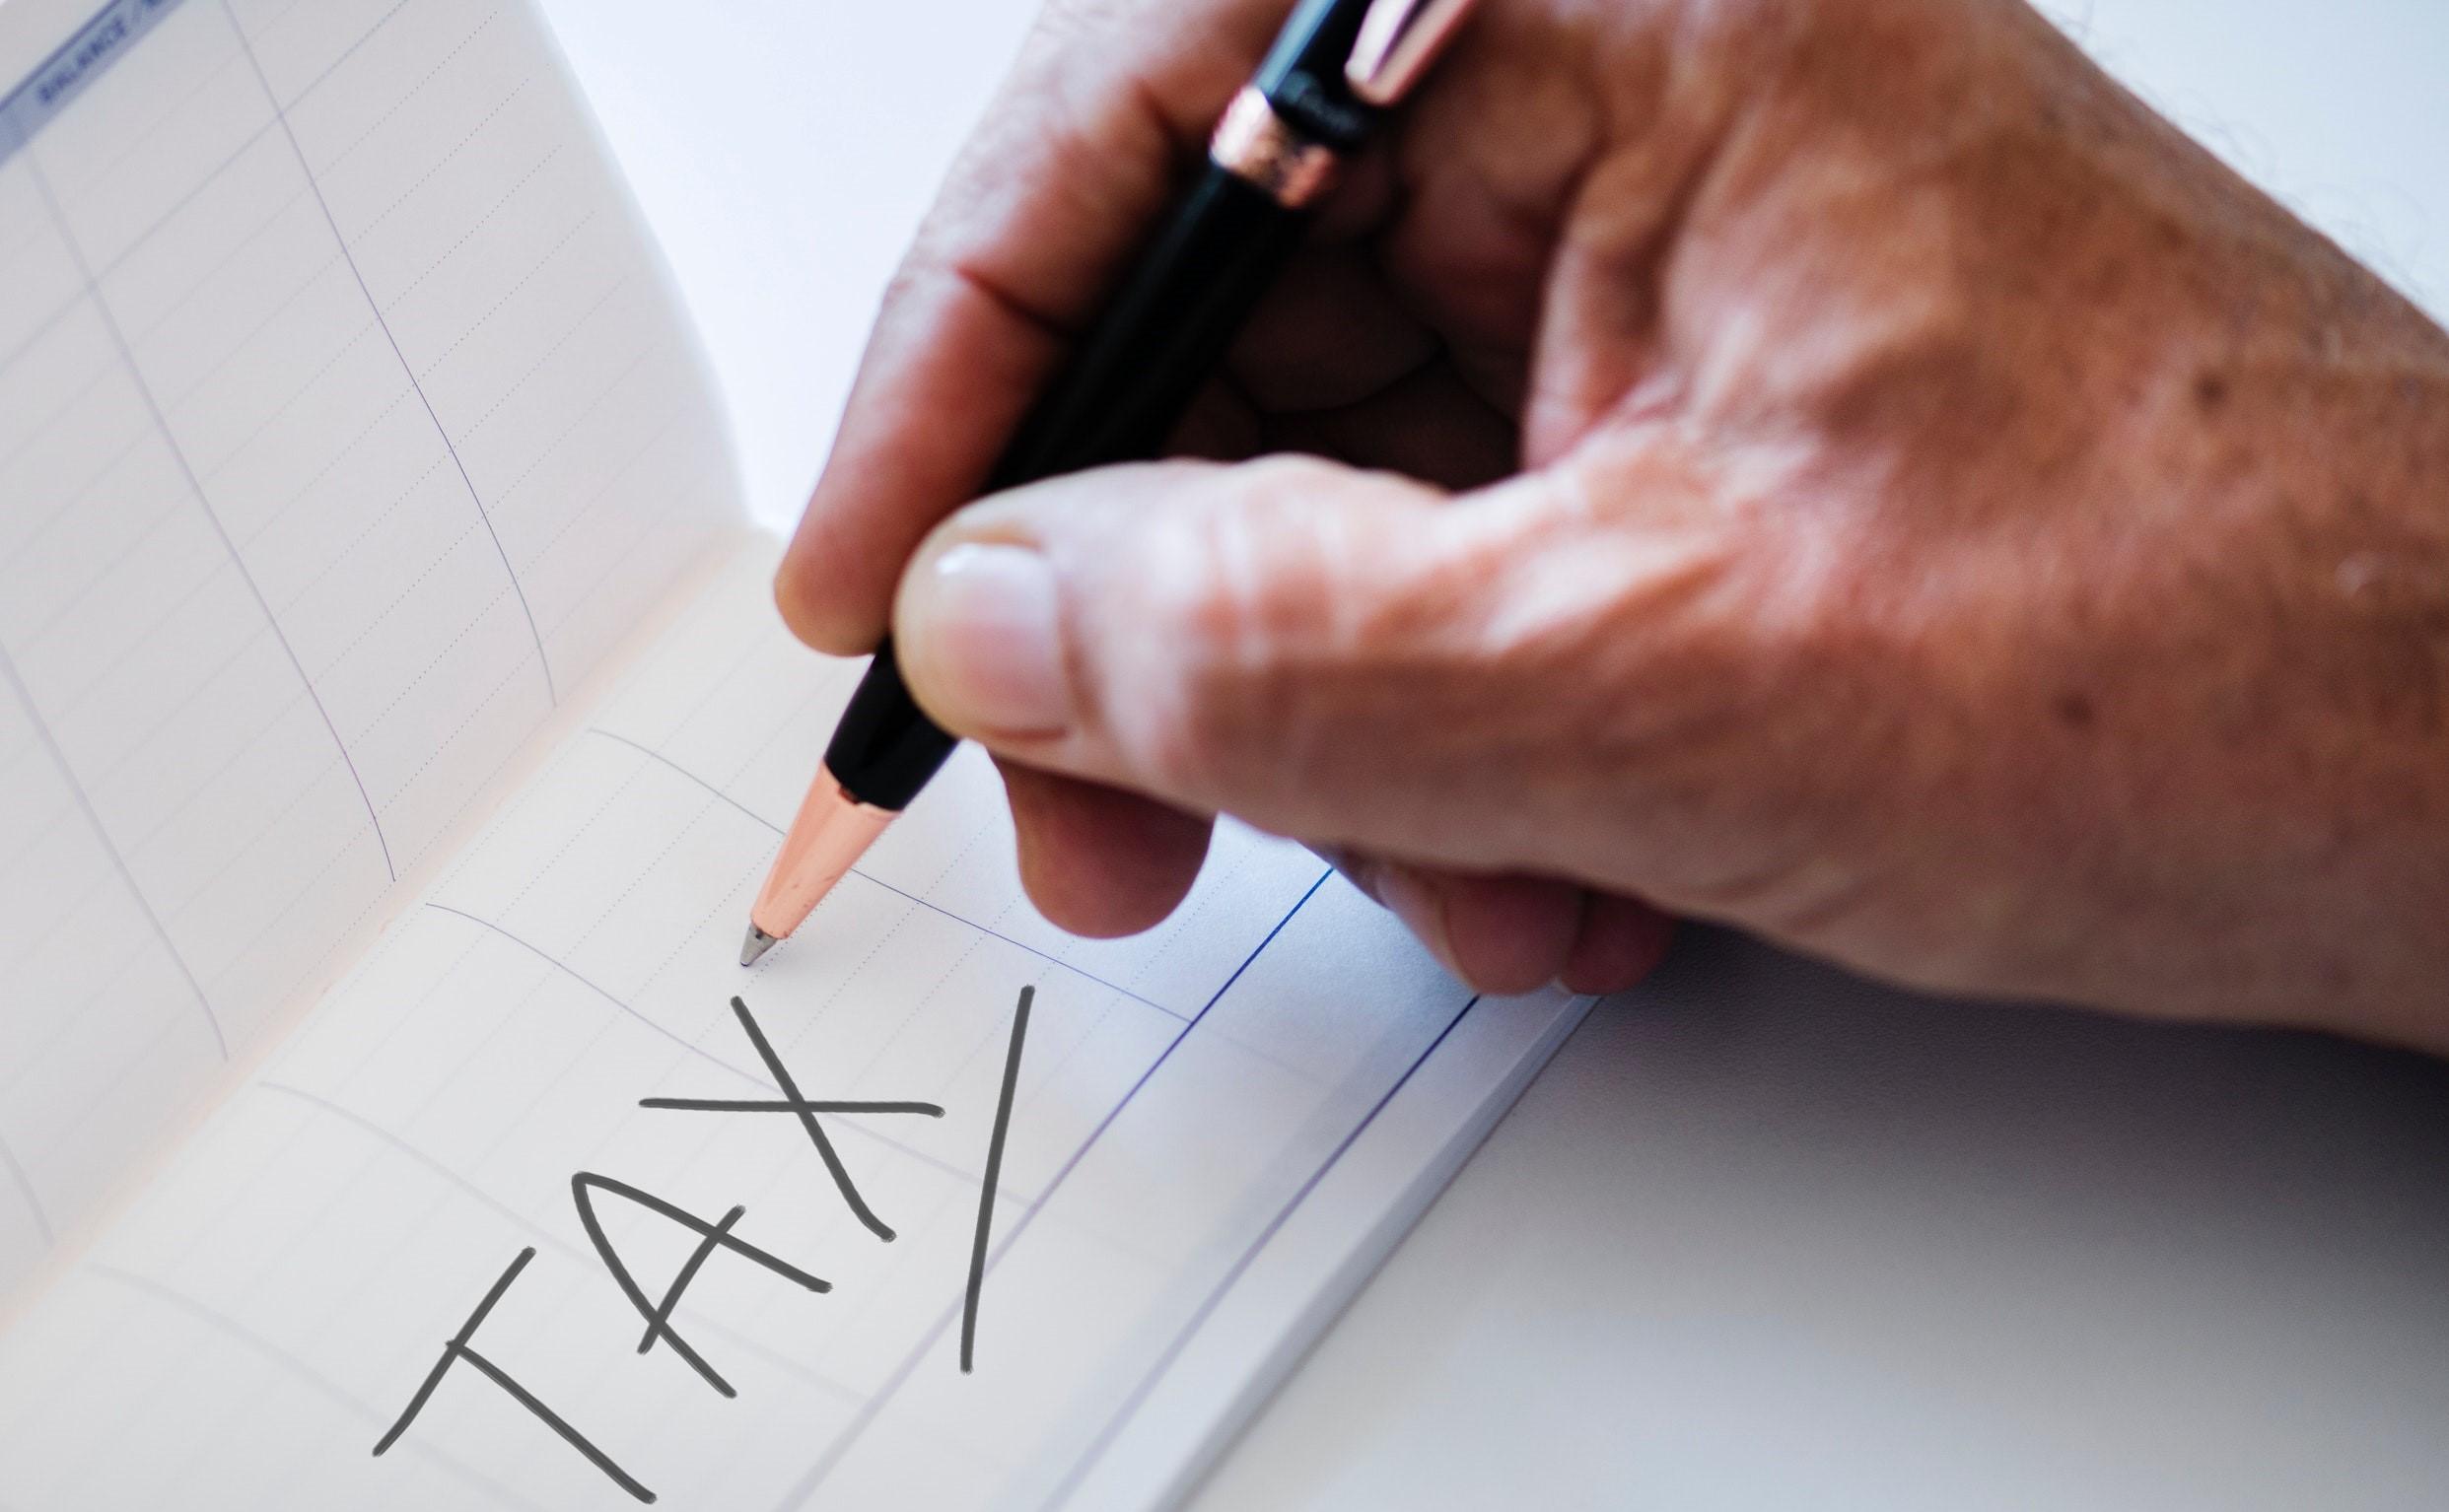 米国で納税者番号を取得する!前編 ITIN NUMBER とは何か